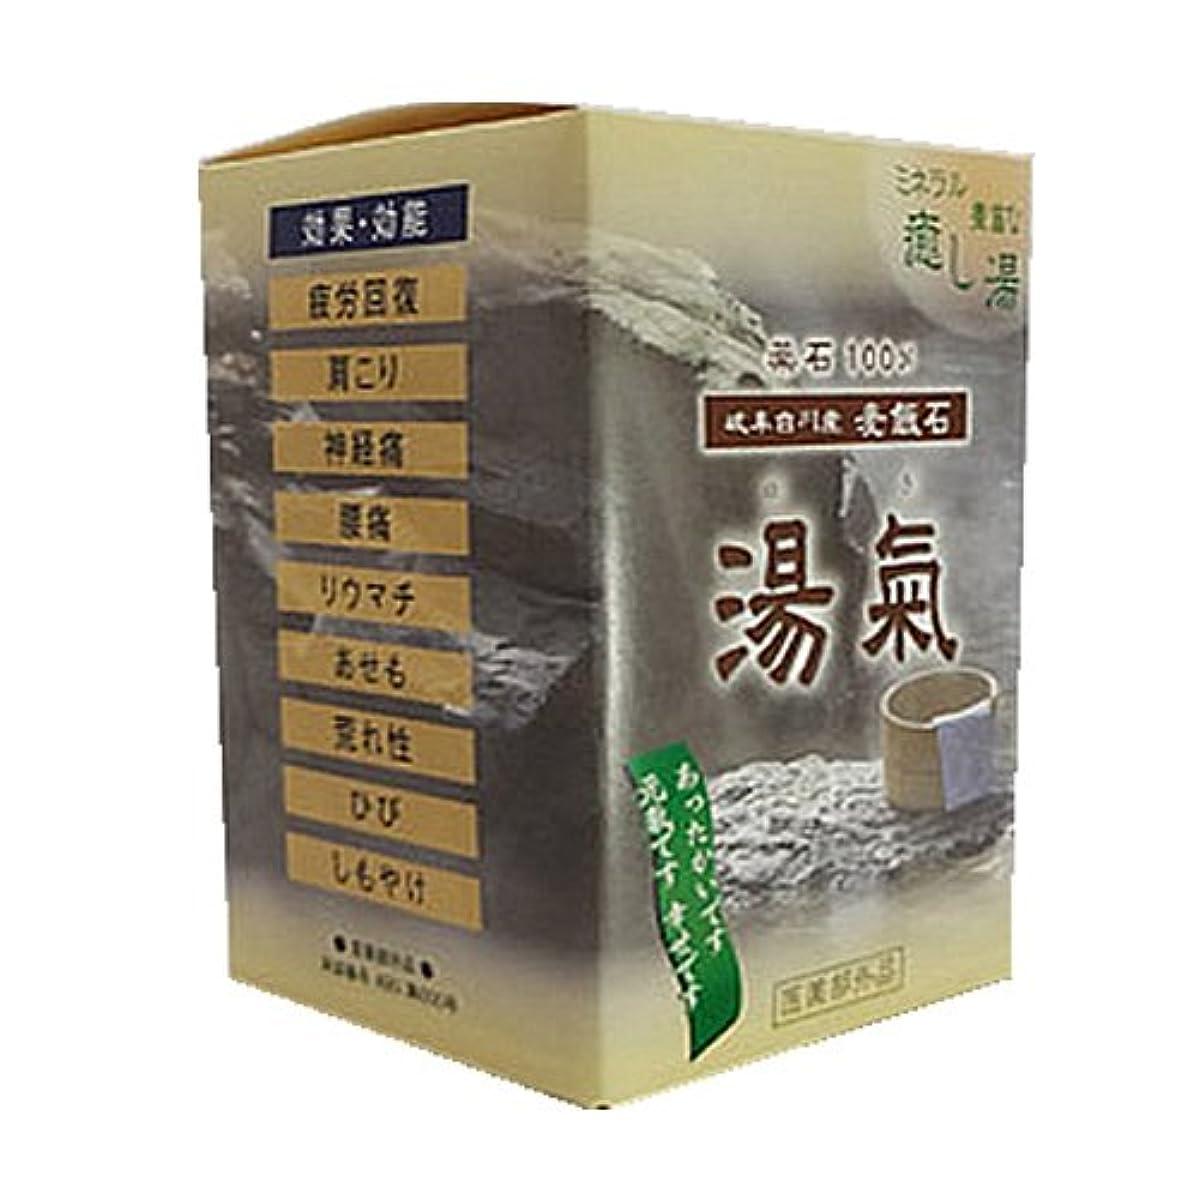 ストッキング緑太鼓腹医薬部外品 岐阜白川産麦飯石 湯気(ゆき) K11781